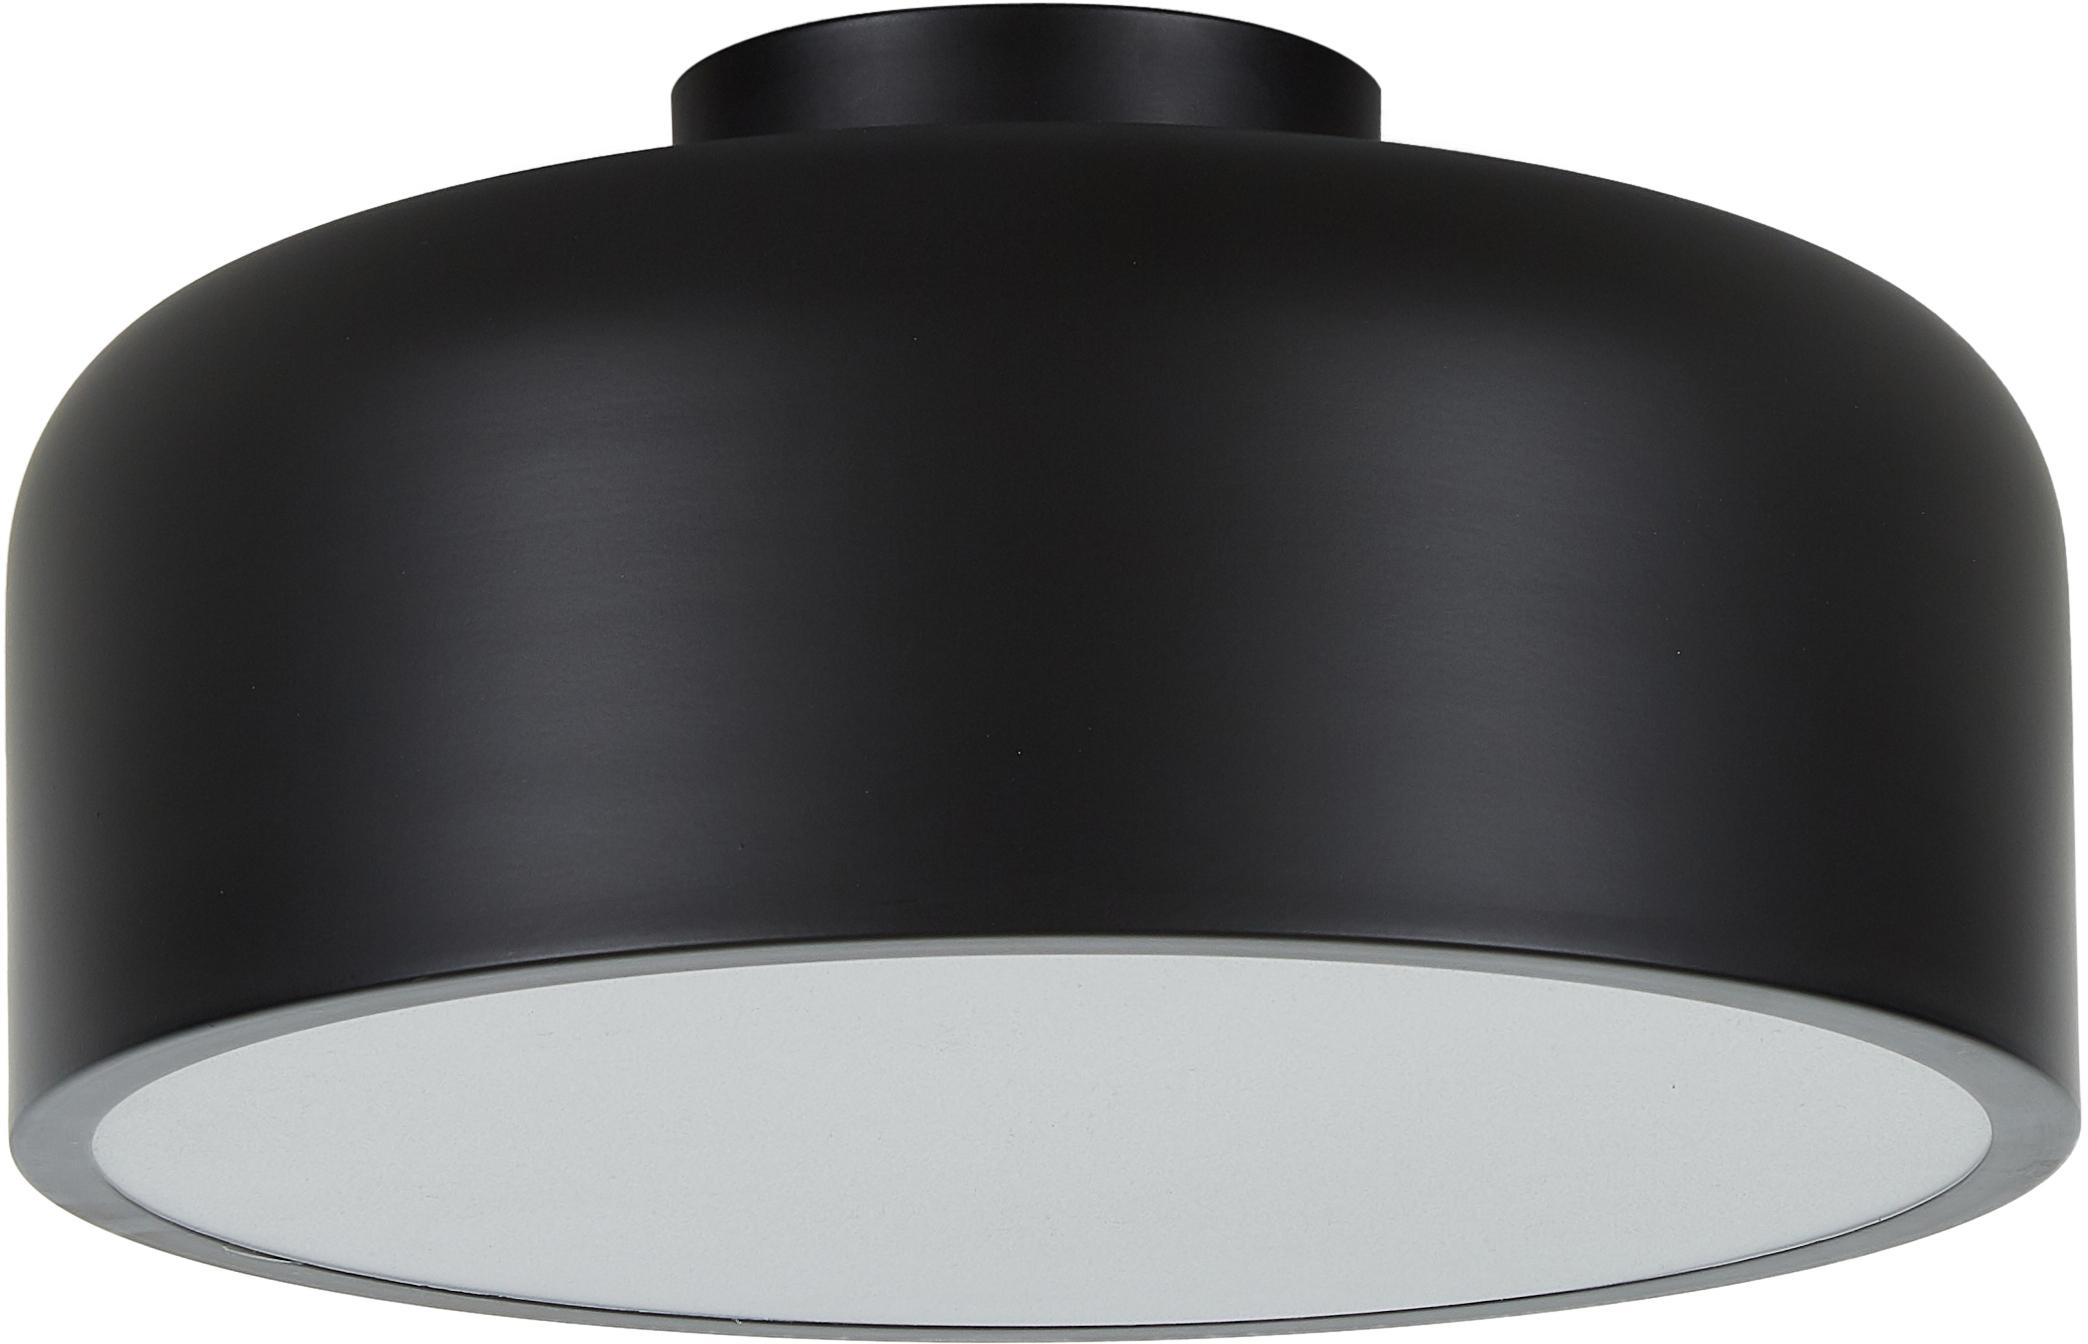 Plafoniera stile nordico Ole, Disco diffusore: acrilico, Nero opaco, Ø 35 x Alt. 18 cm